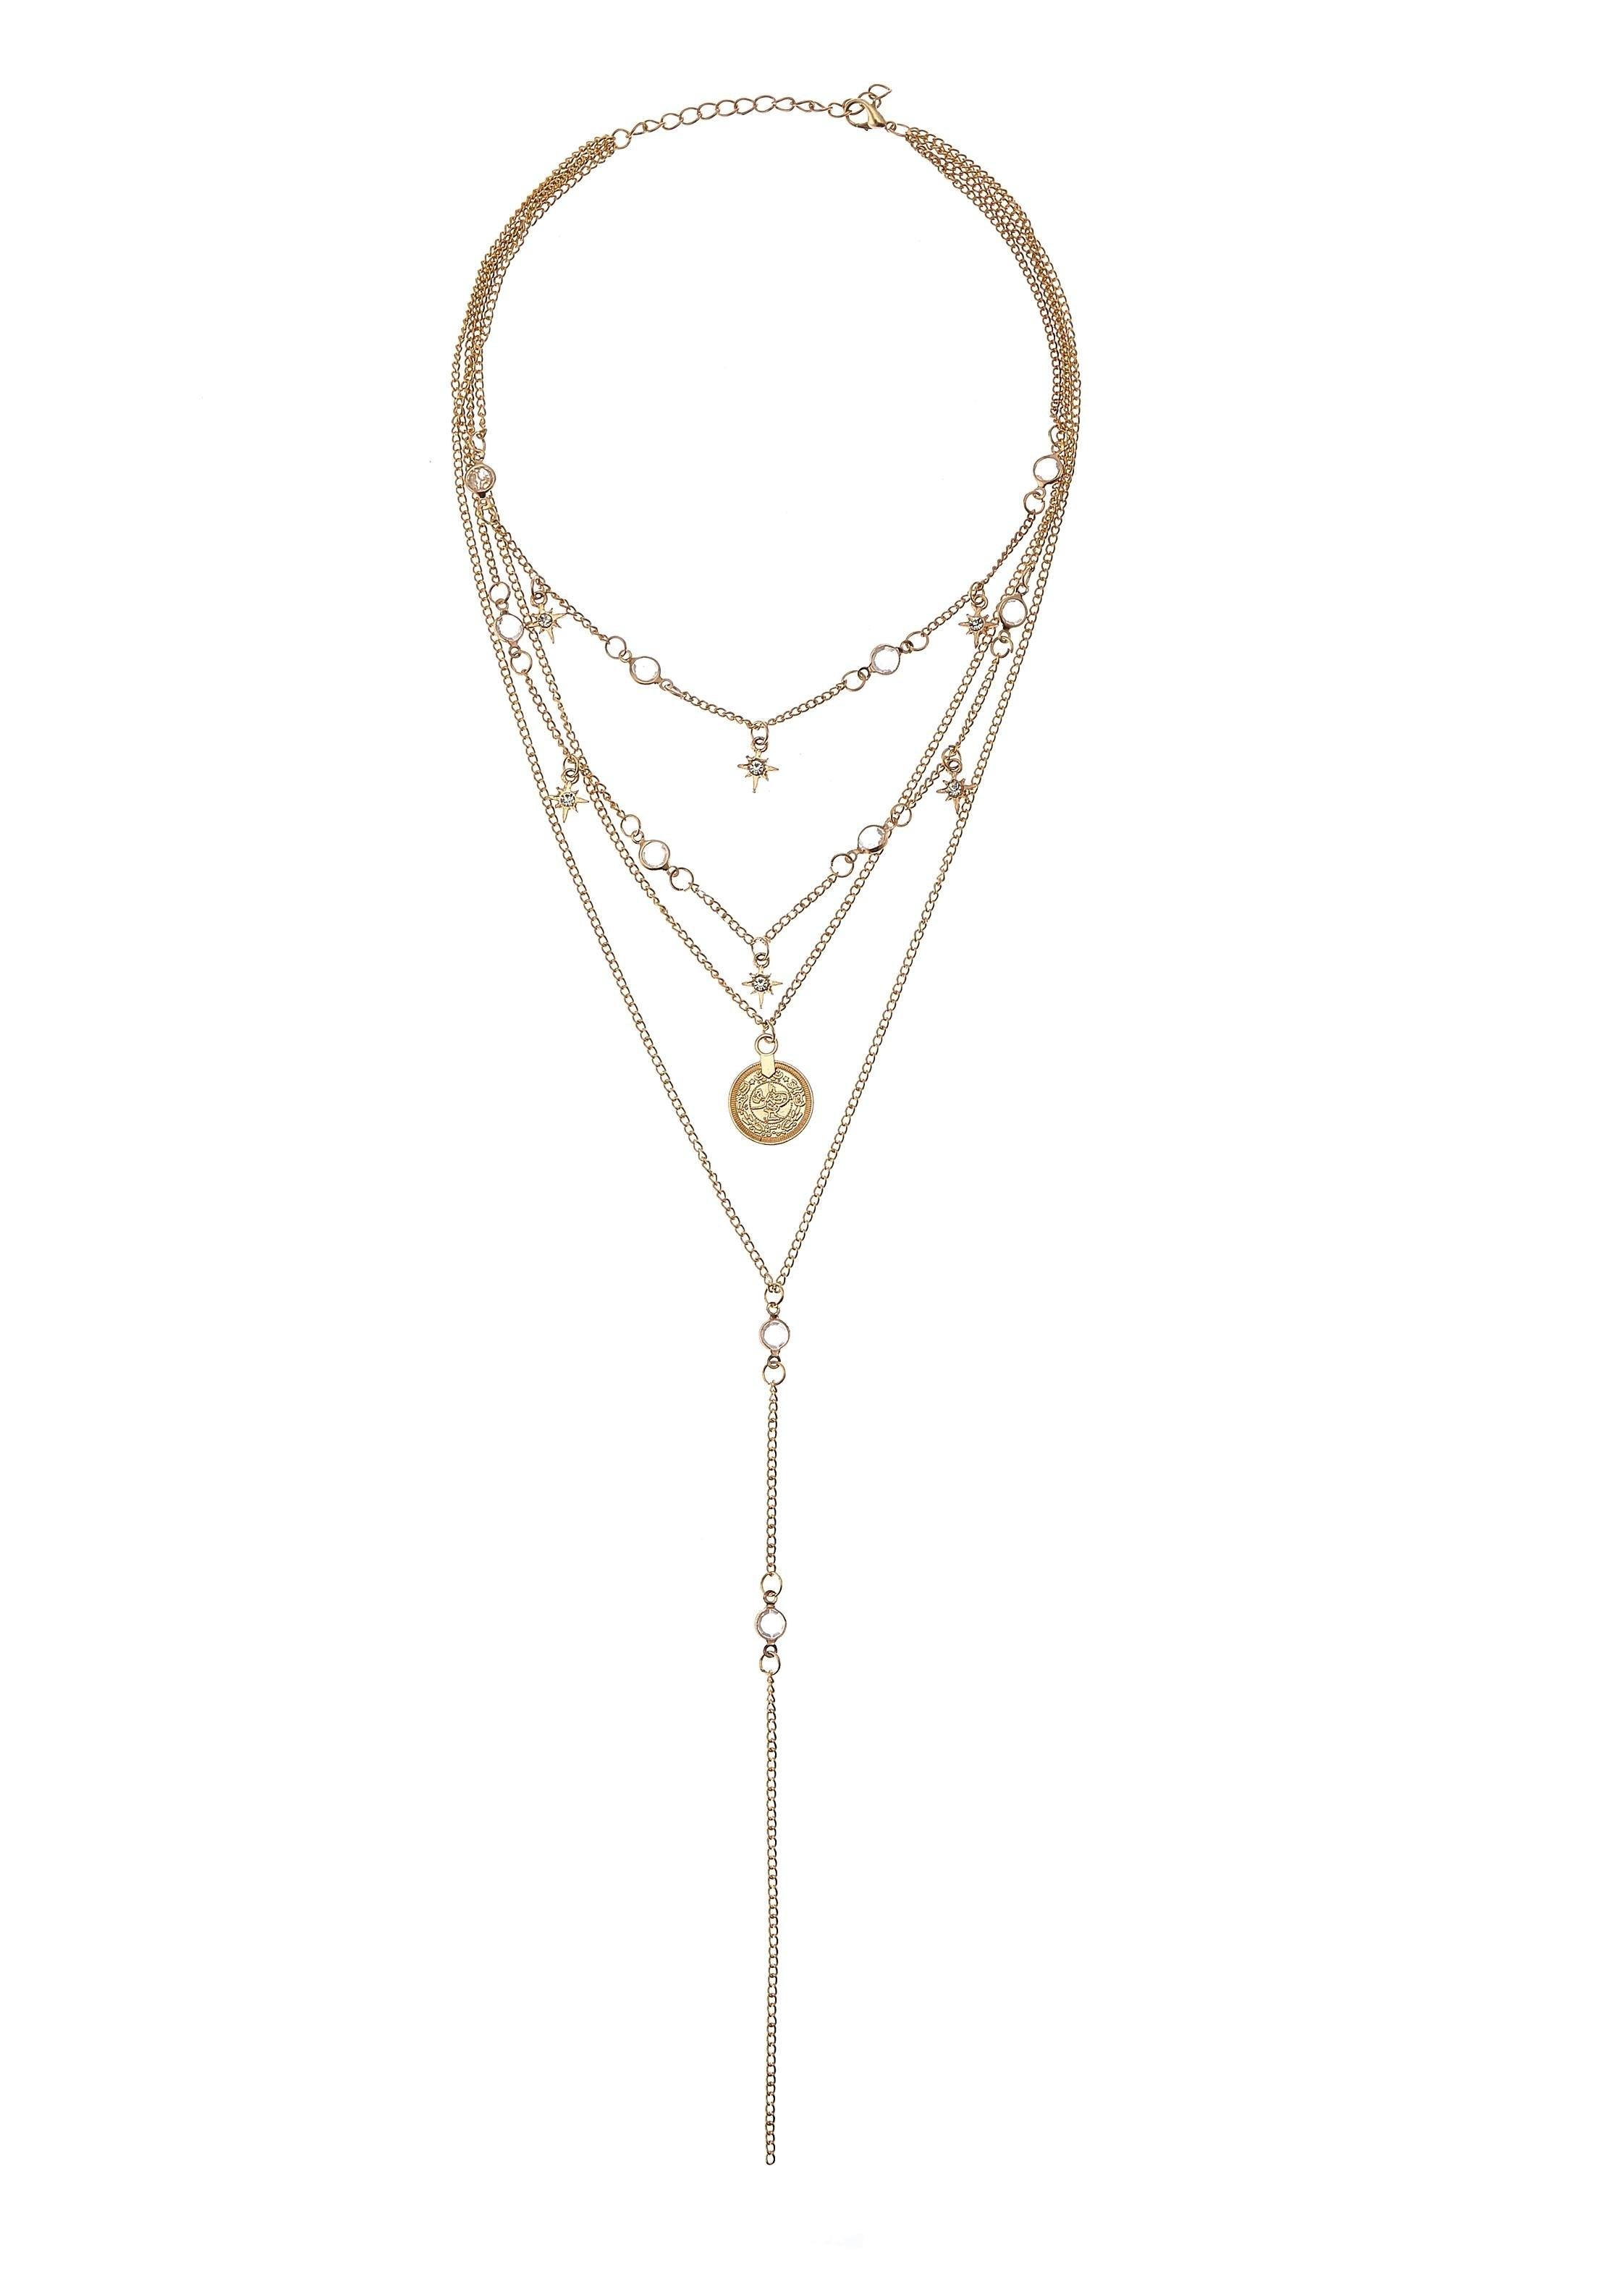 LASCANA ketting met hanger in de webshop van Lascana kopen